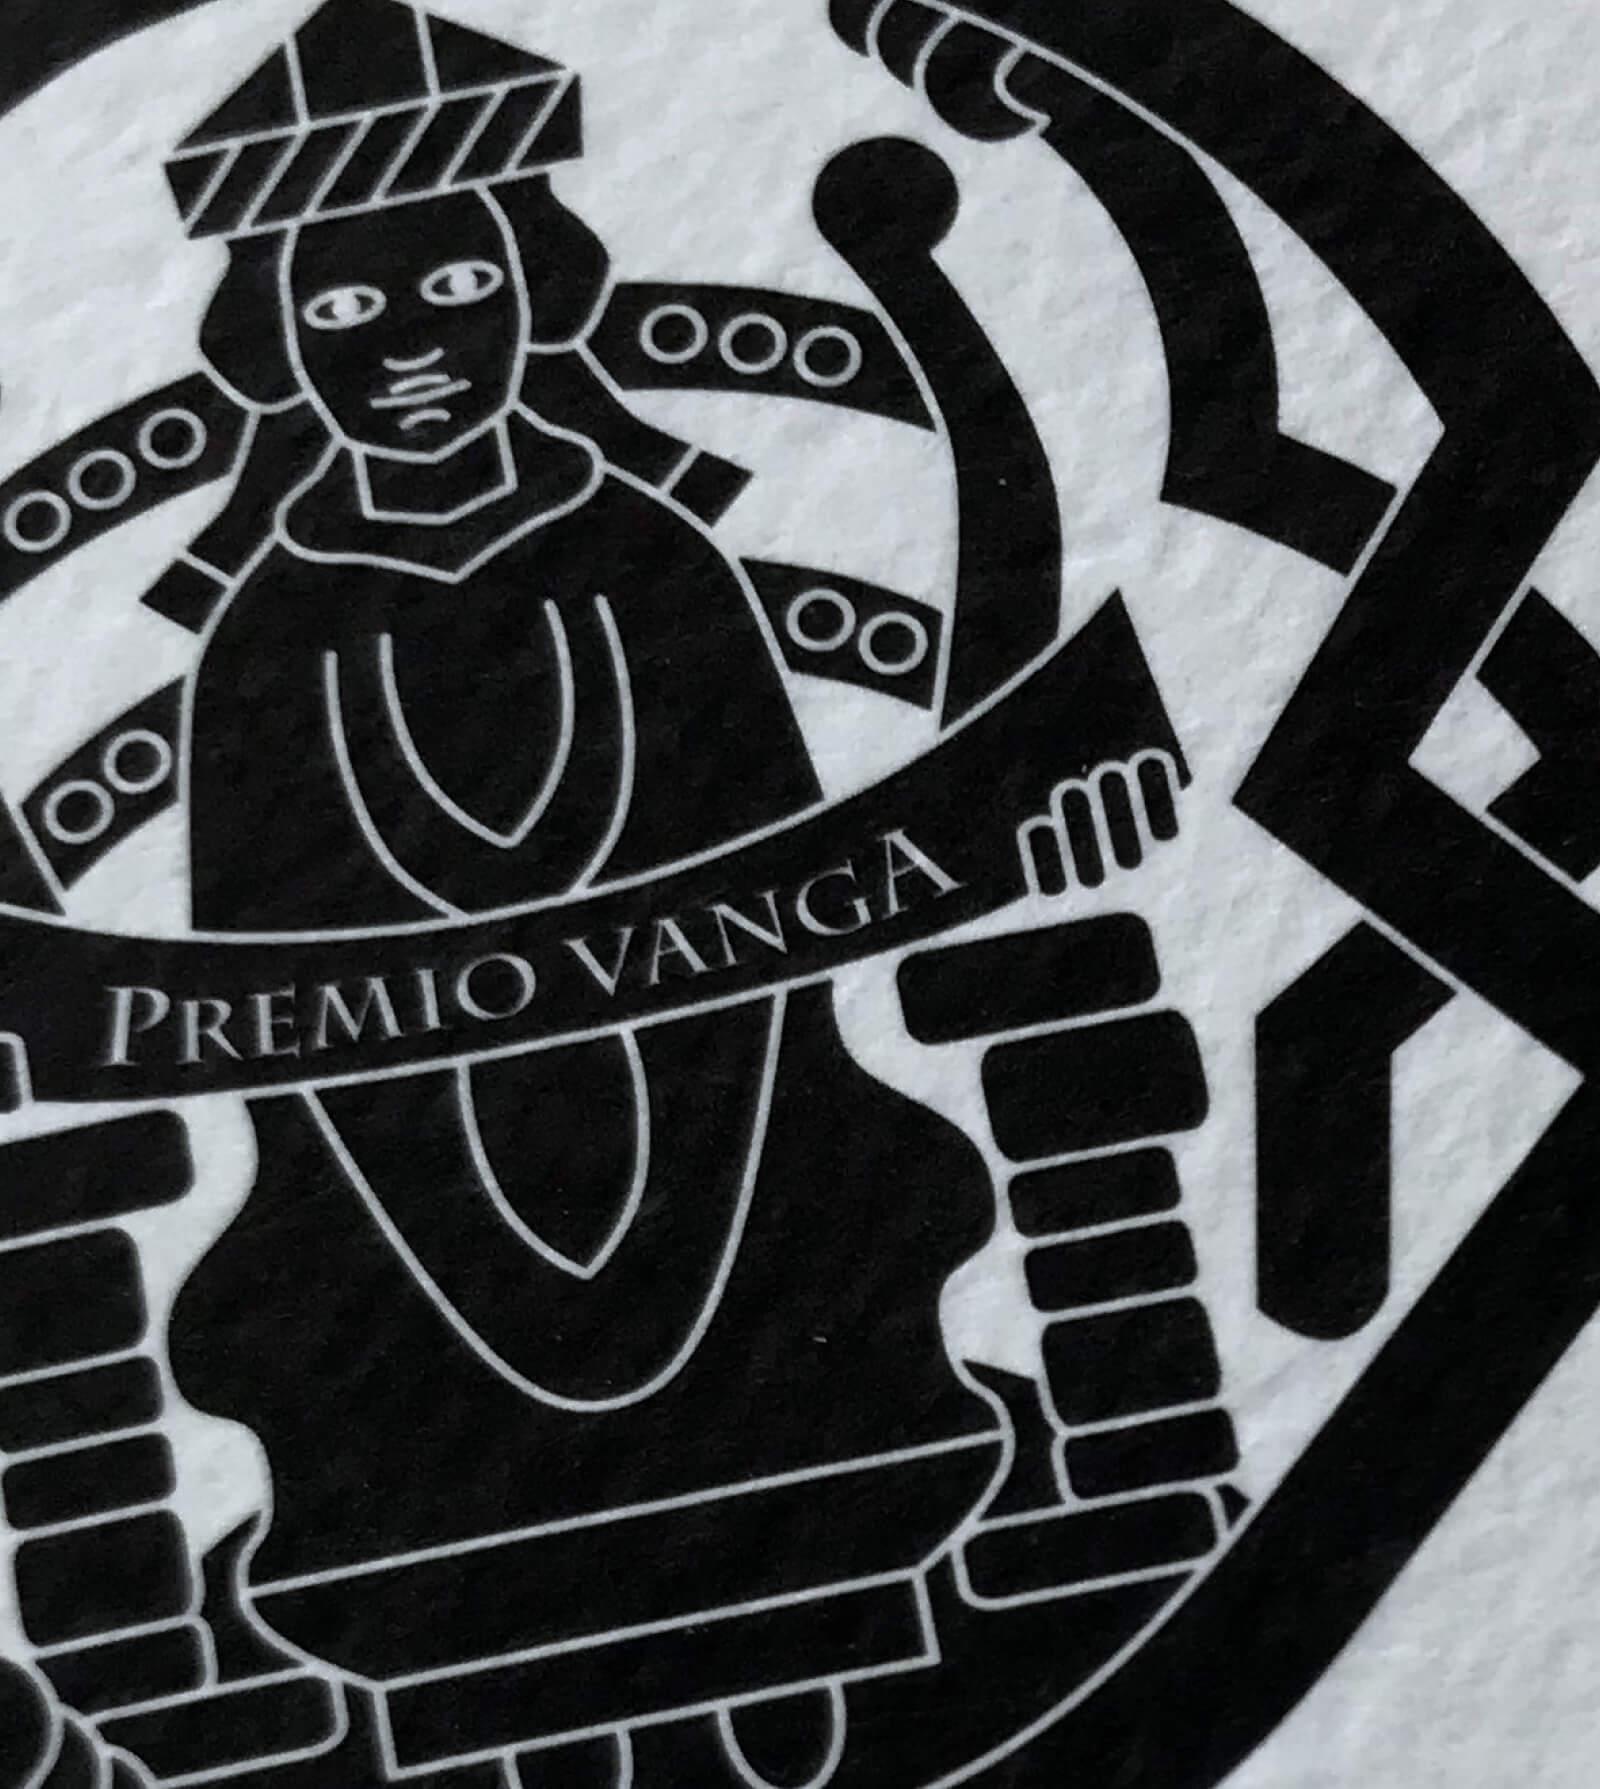 marchio in bianco e nero e dettaglio immagine coordinata creata per l'evento -premio vanga provincia di trento- con il coordinamento immagine grafica diadestudio arco di trento